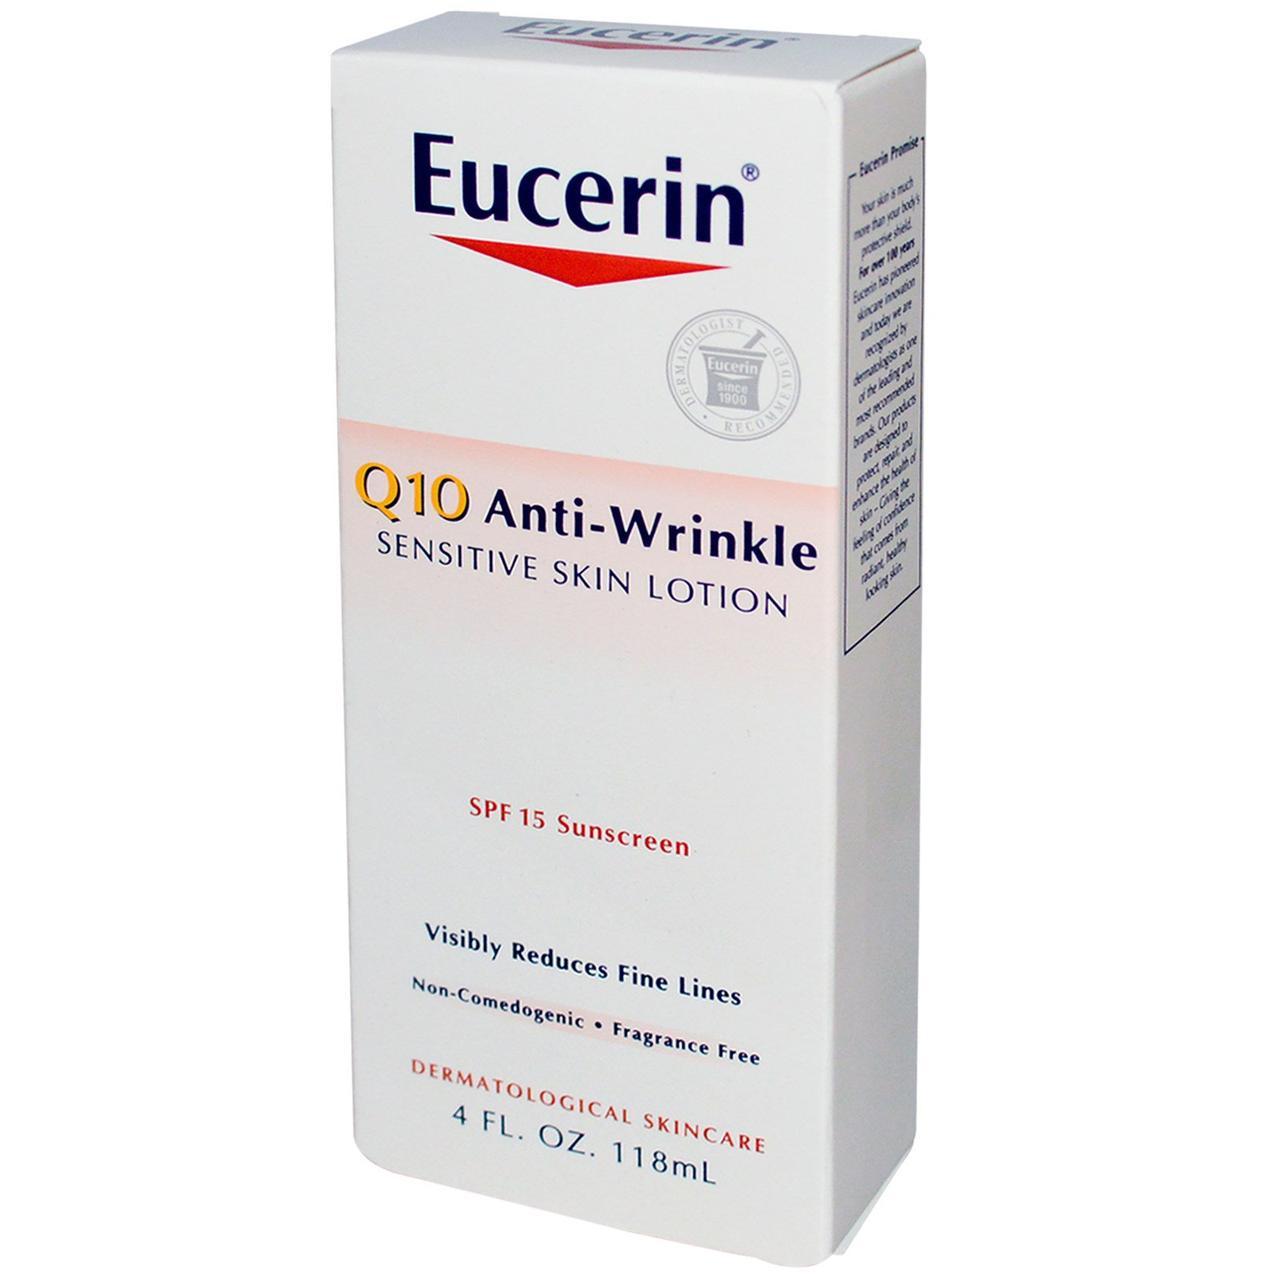 Солнцезащитный лосьон, Eucerin, Q10, SPF 15, 118 мл